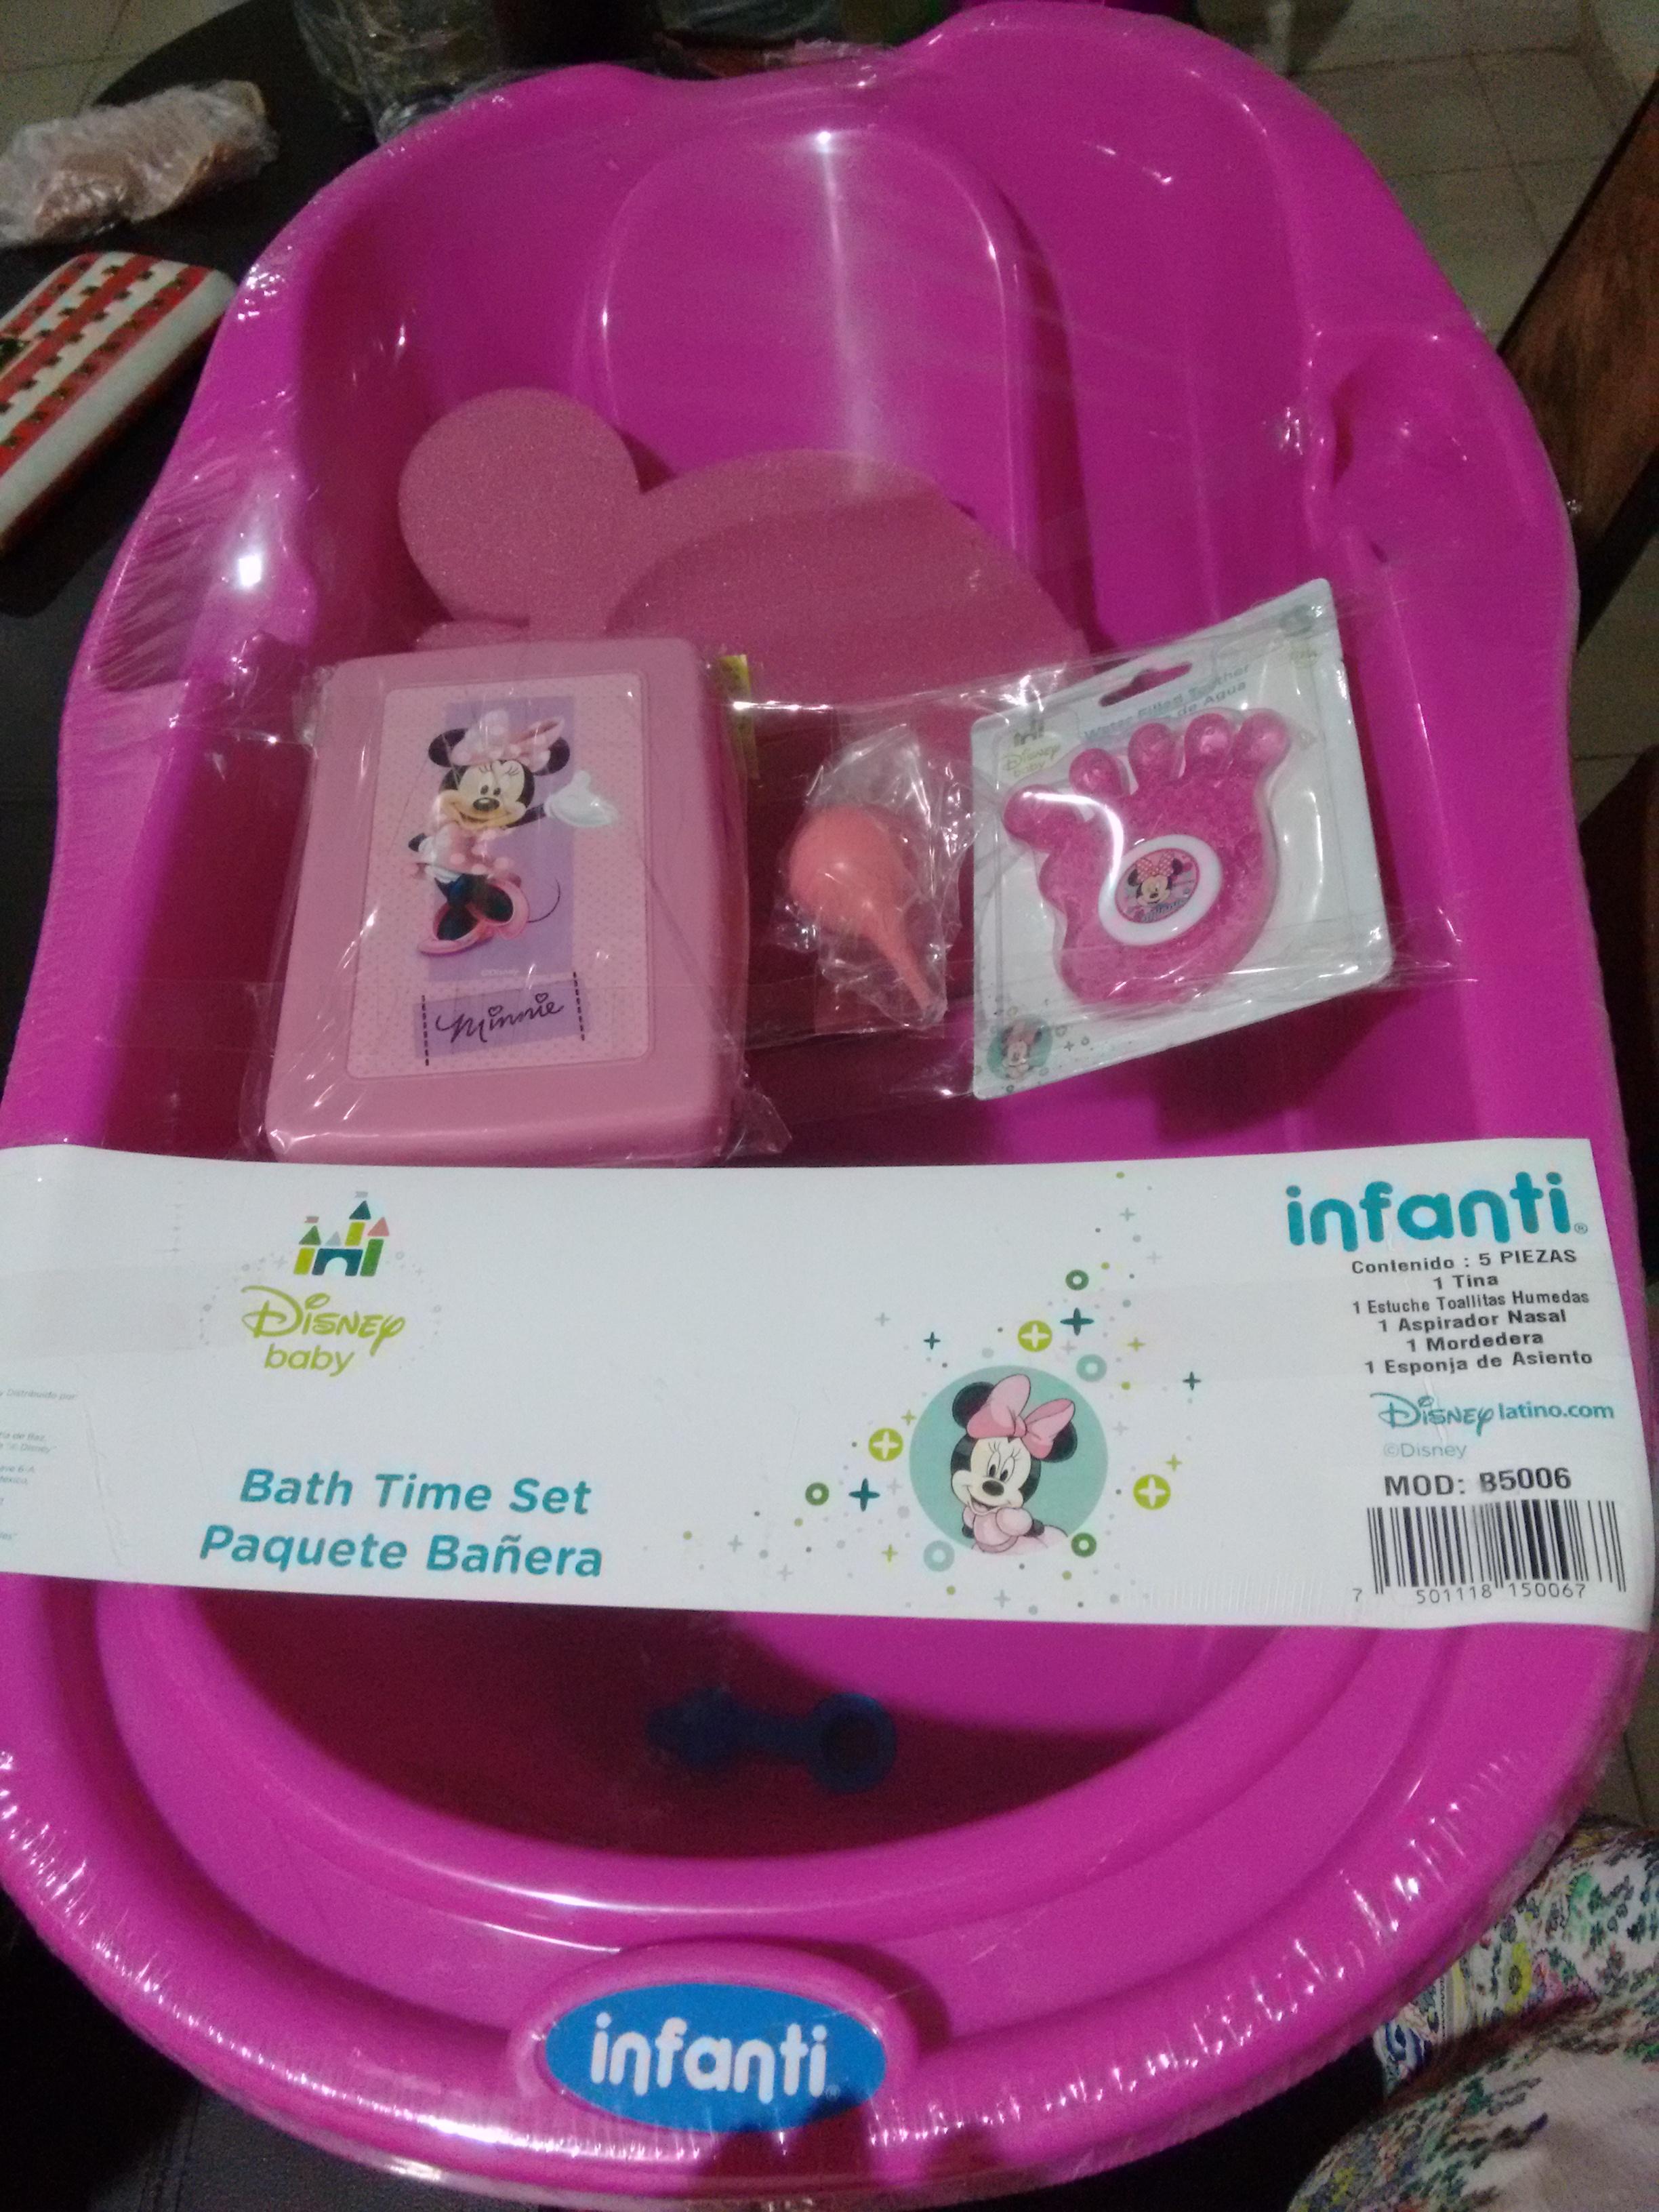 Walmart: Paquete de bañera Infanti a $198